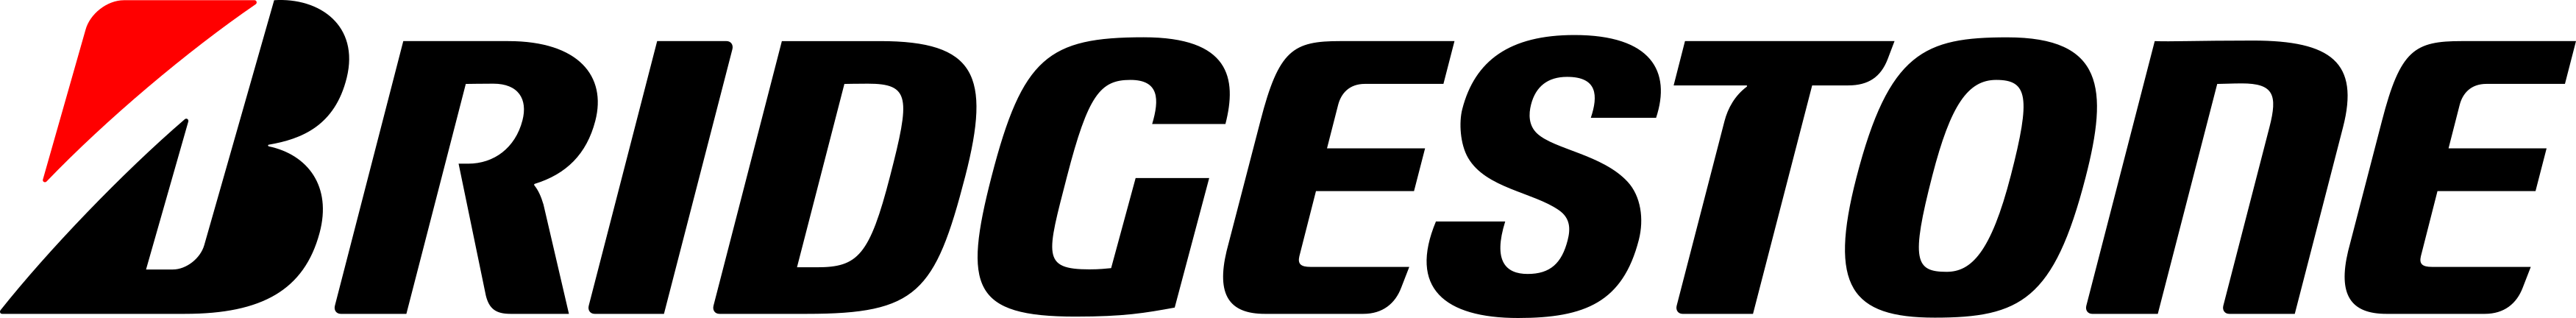 bridgestone logo - Bridgestone Logo